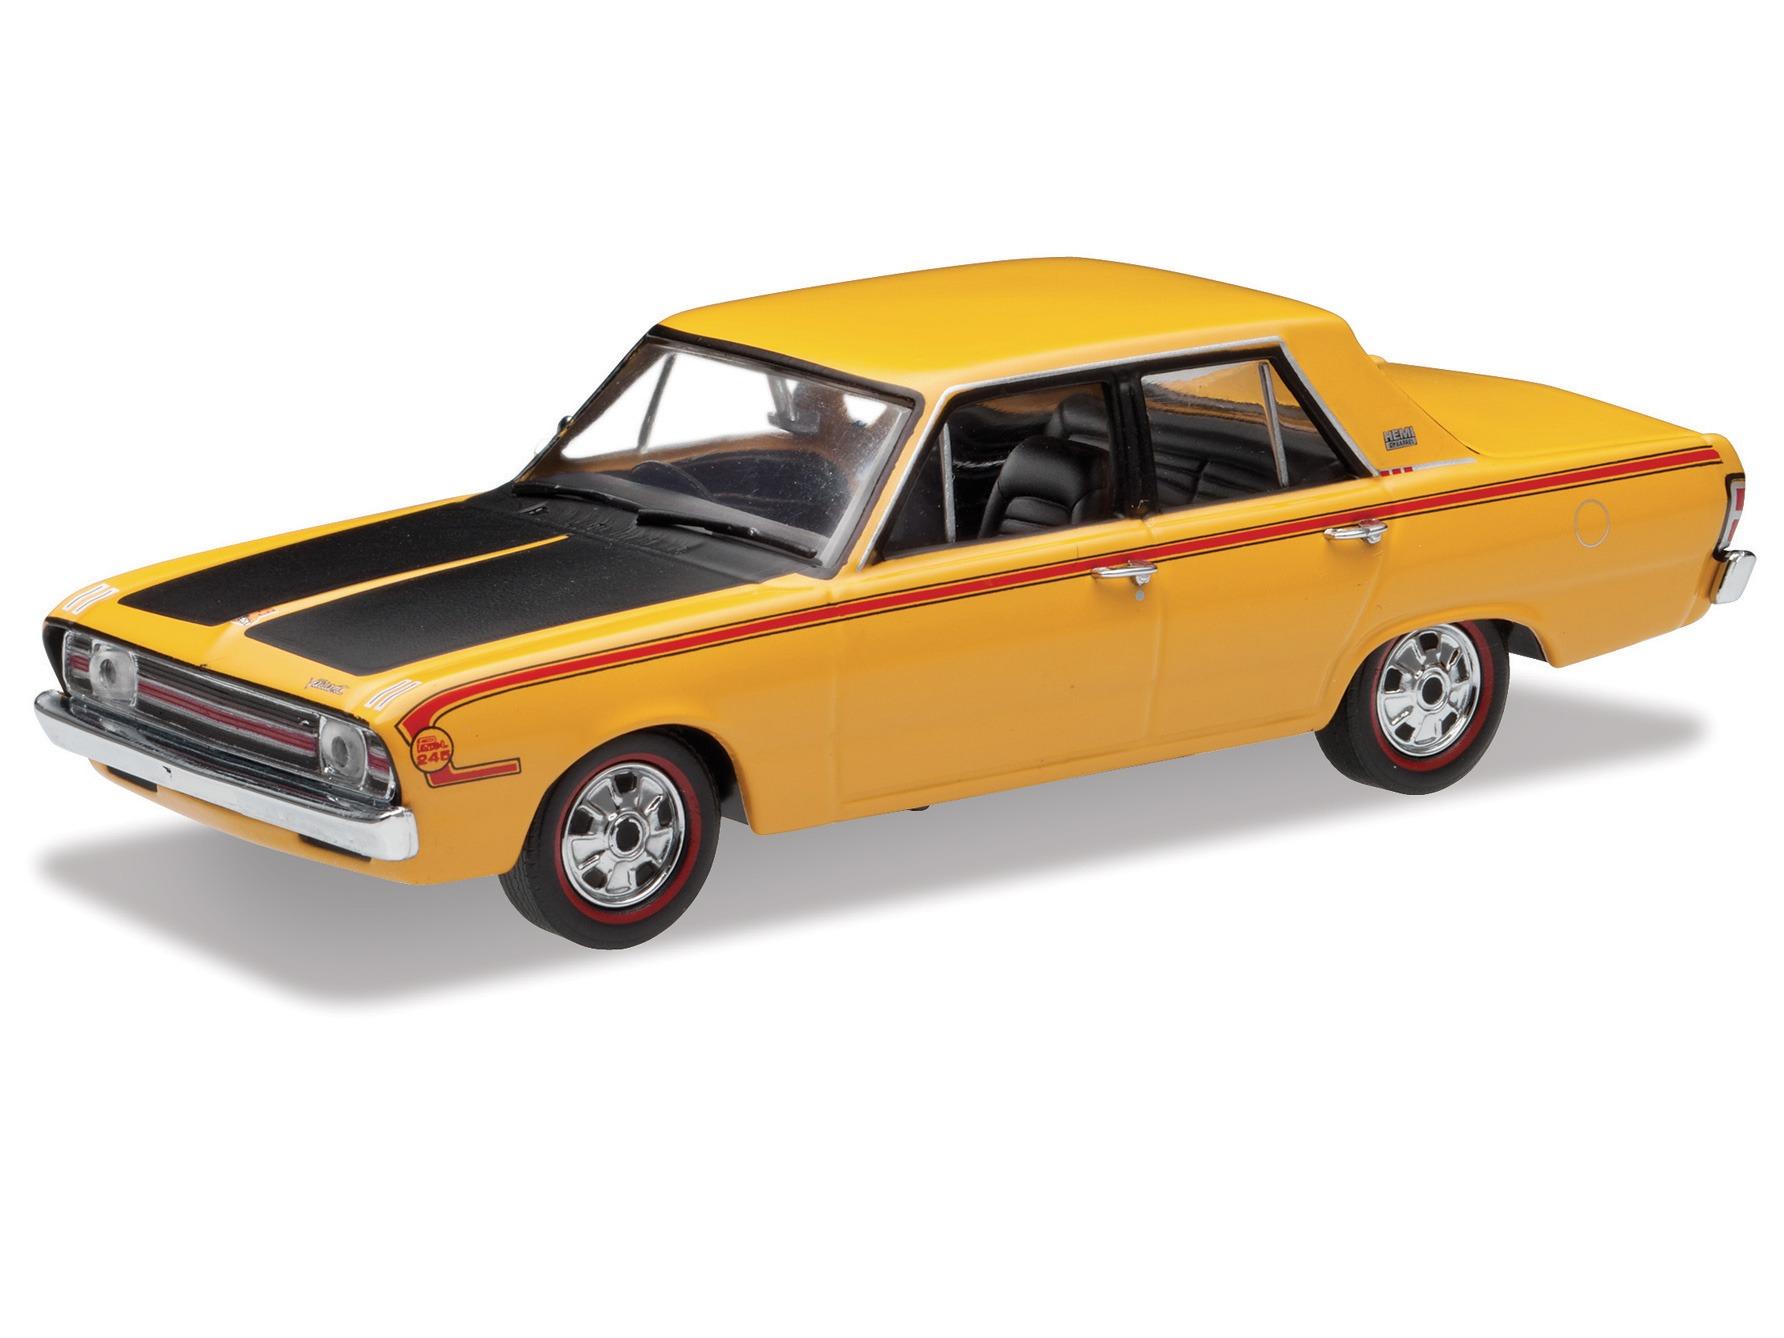 1970 Chrysler Valiant VG Pacer – Hot Mustard